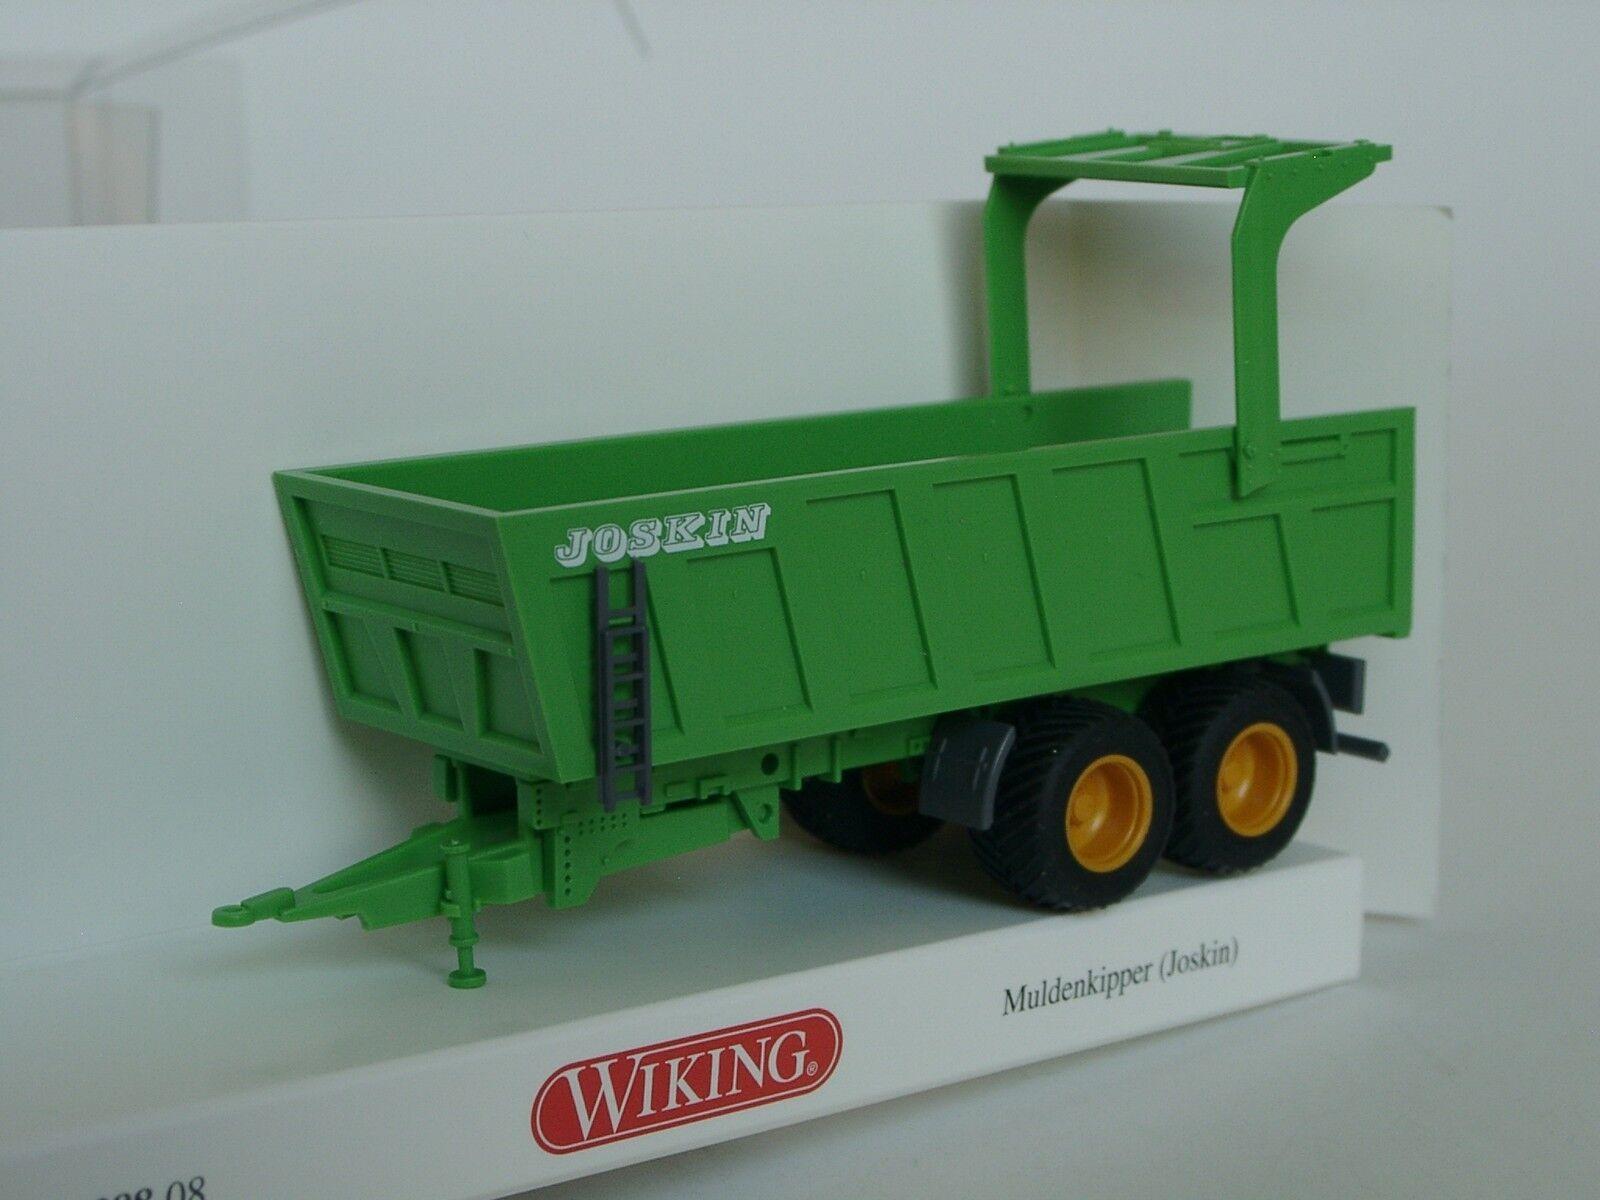 Wiking JOSKIN Muldenkipper, green - 0388 08 - 1 87